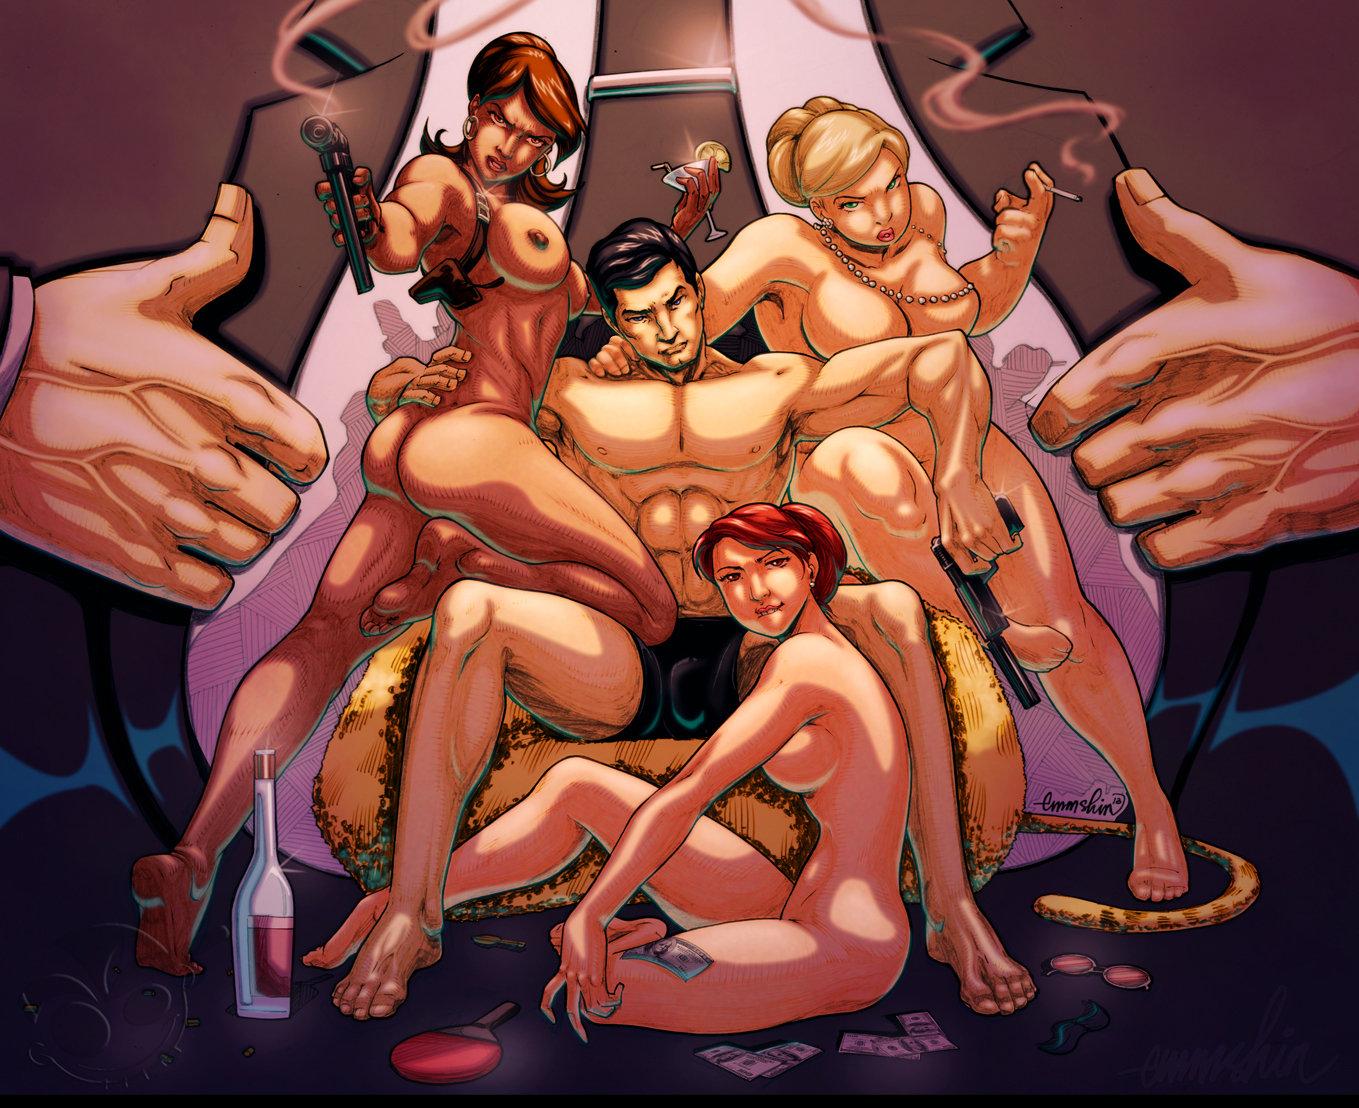 Archer tv nude sex movie